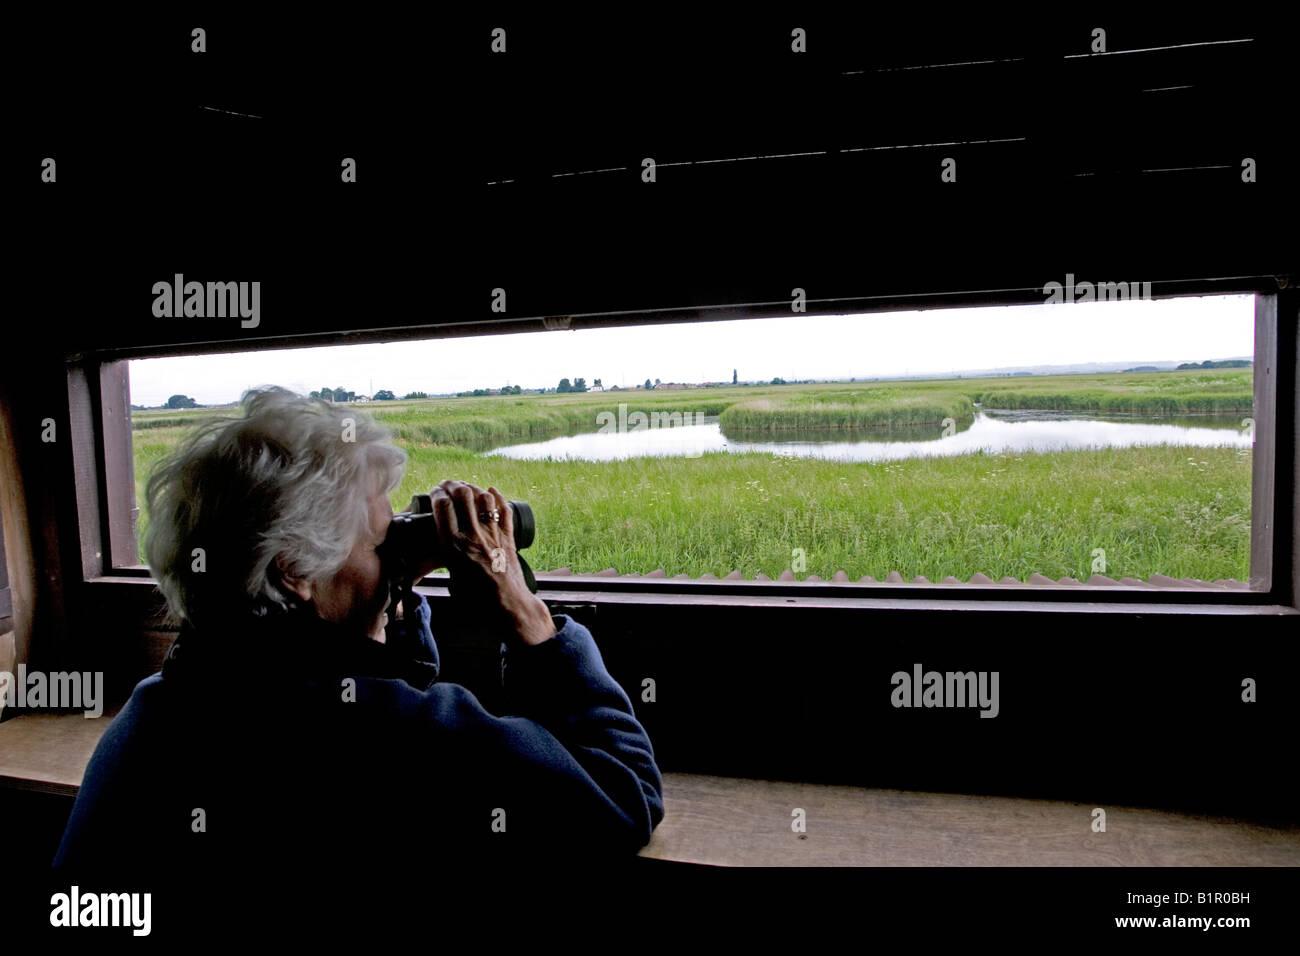 Vogelbeobachtung vom ausblenden RSPB Vogelschutzgebiet Freiston Shore Lincolnshire UK Stockbild